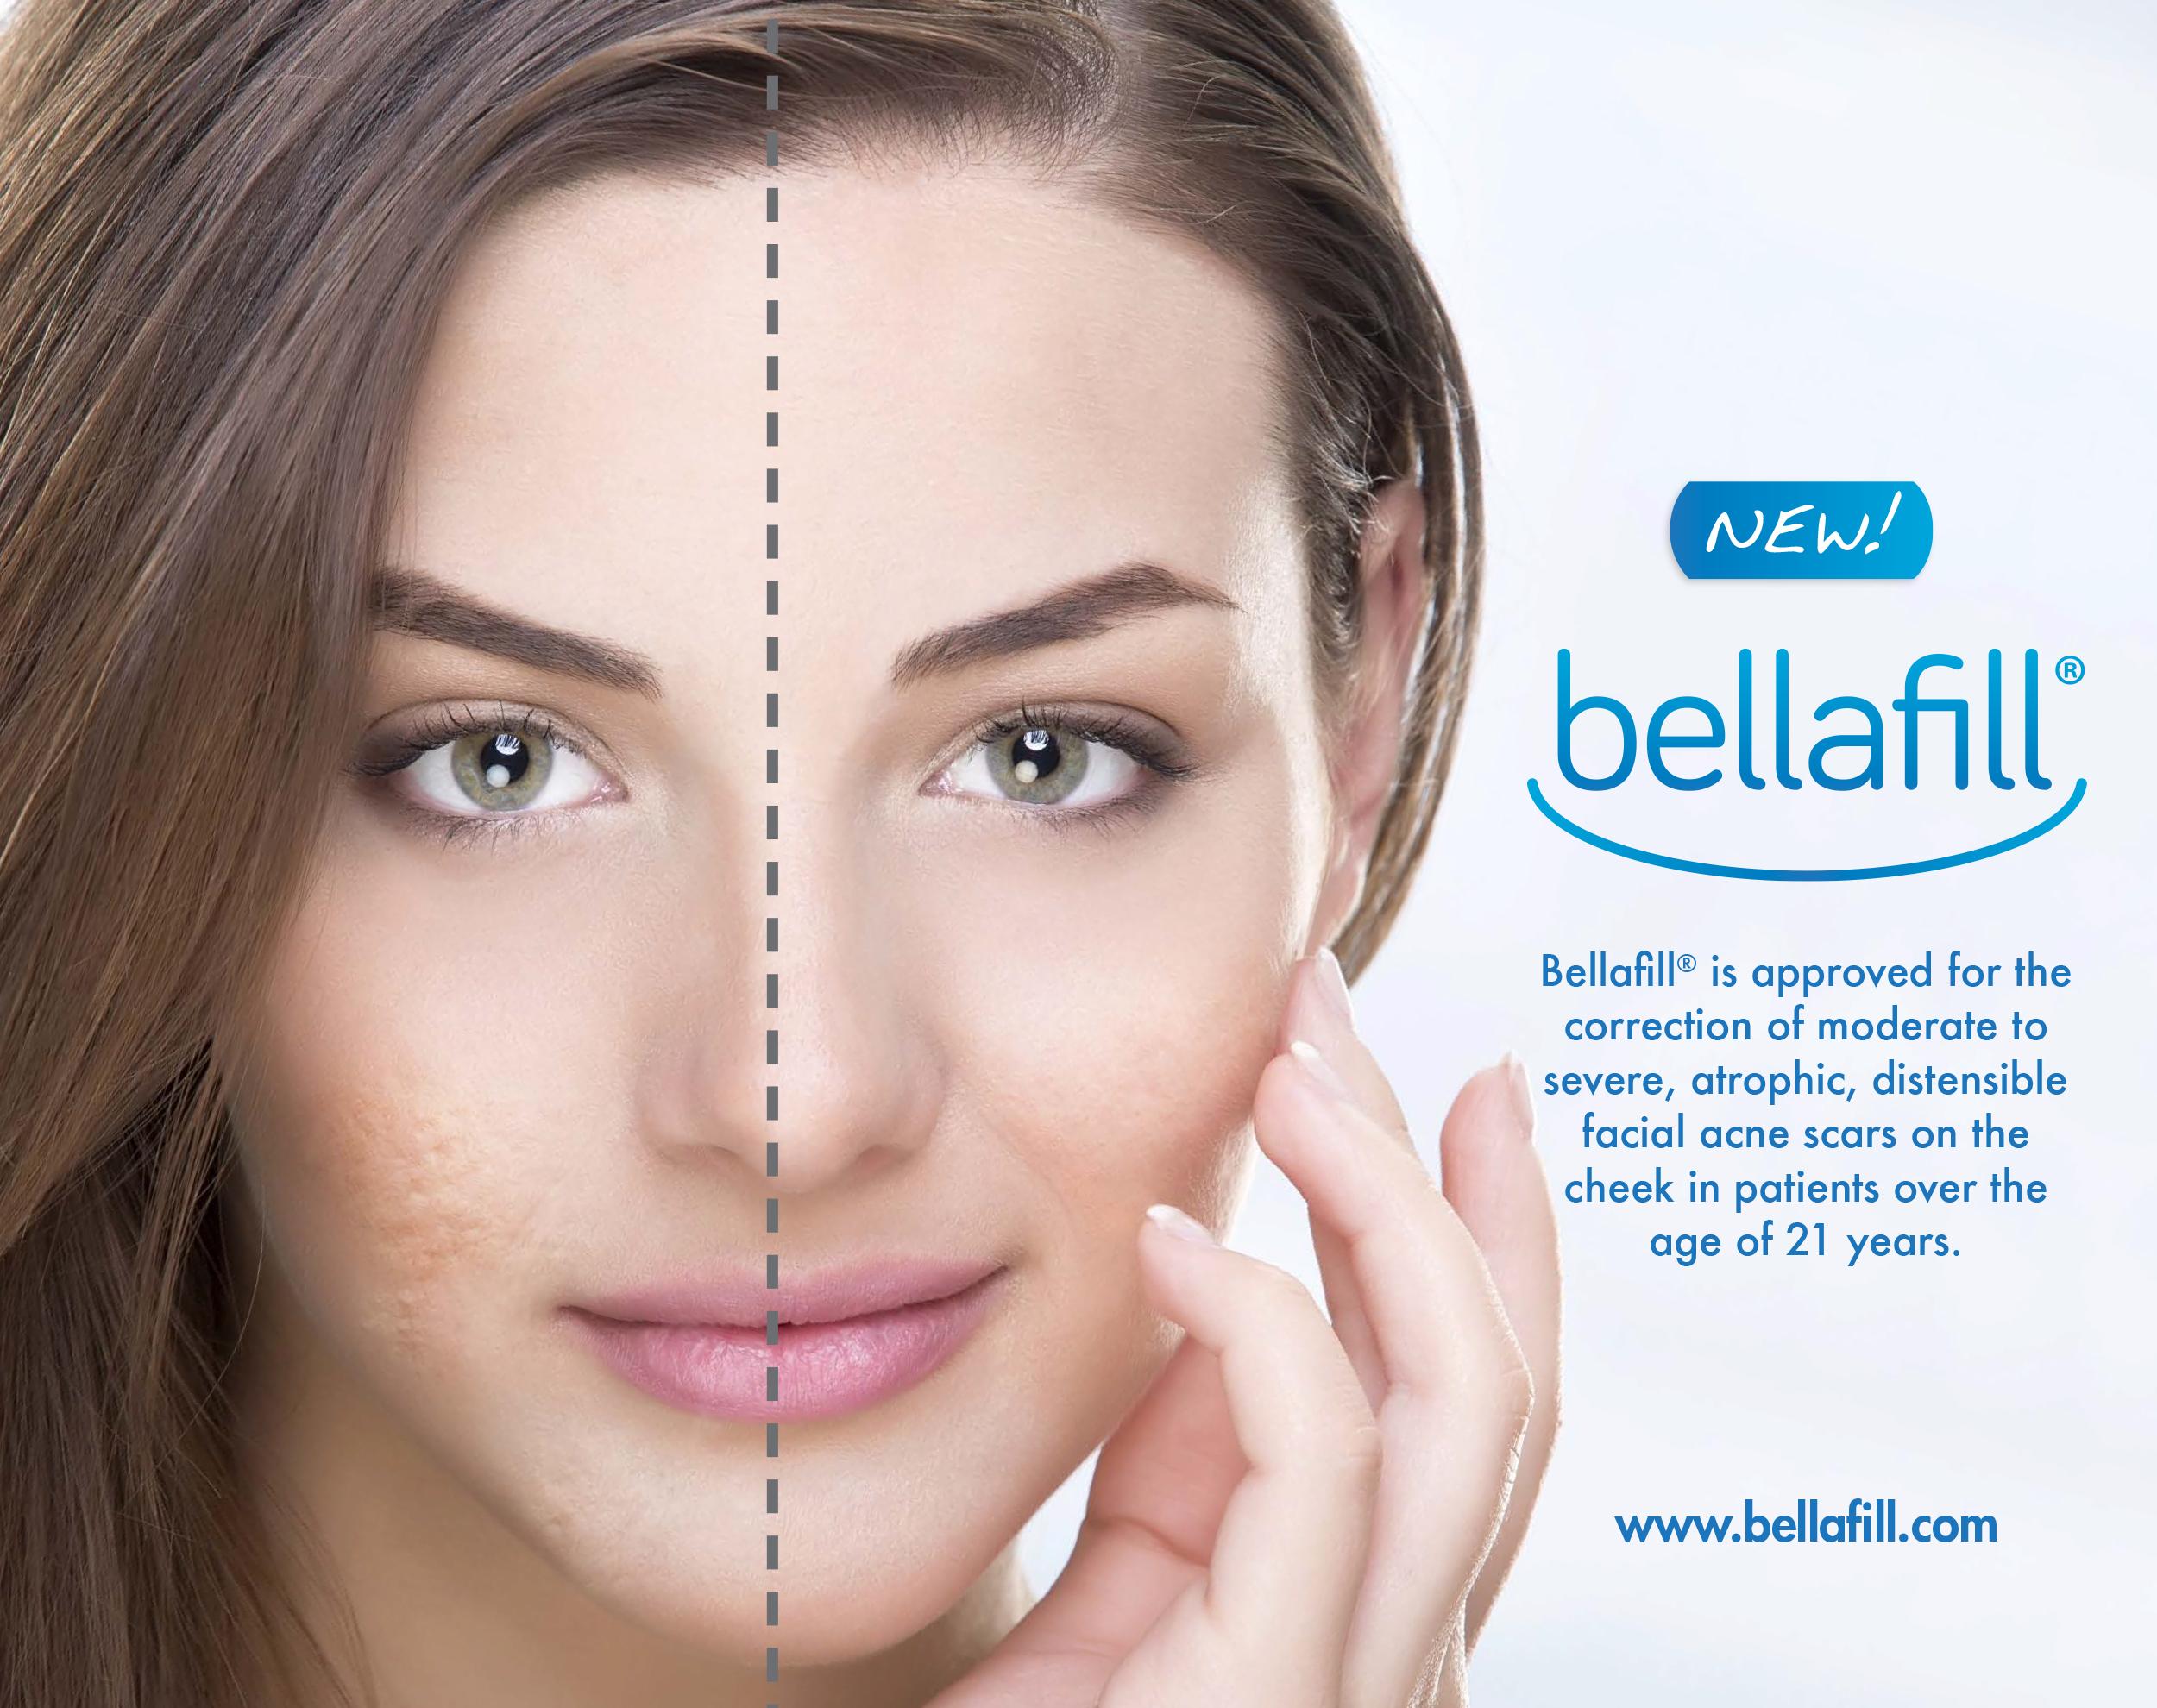 Bellafill-promo